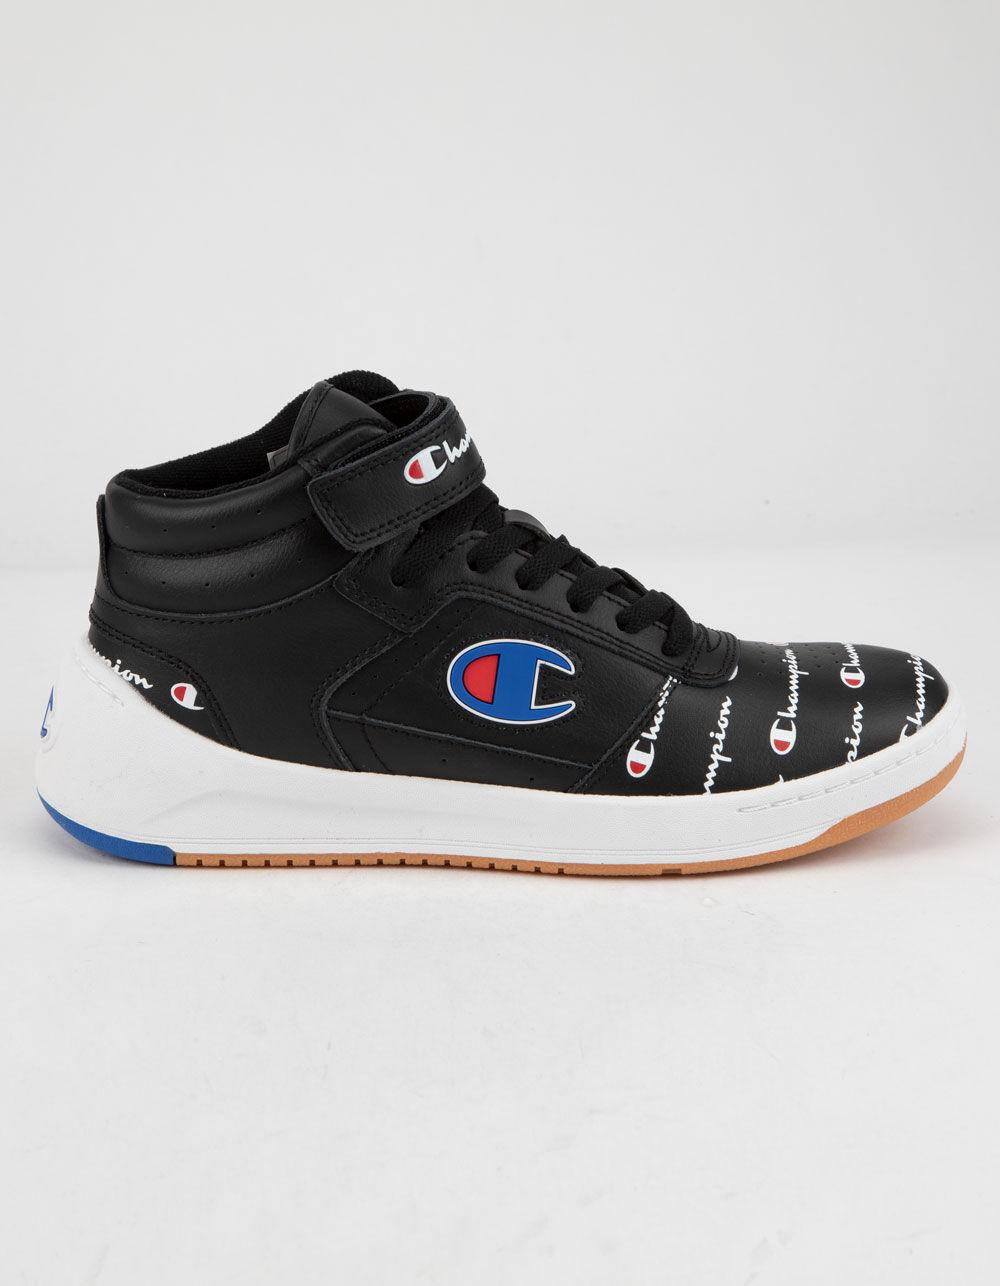 CHAMPION Super C Court Leather Print Black Shoes